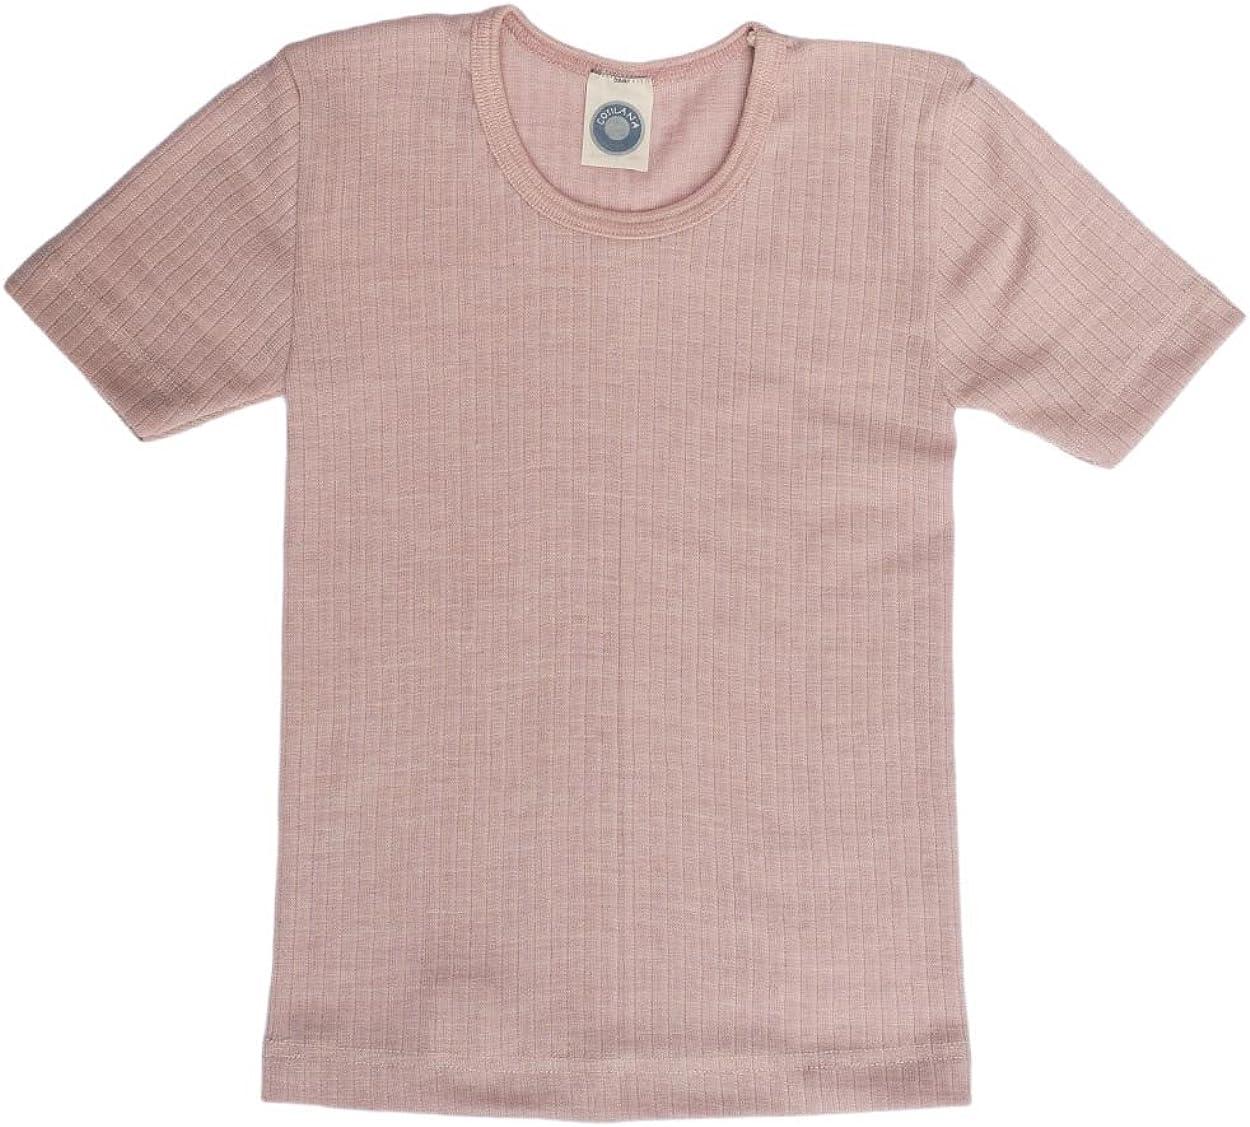 Cosilana Maillot de corps /à manches courtes pour enfant 45 /% coton KBA 35 /% laine biologique 20 /% soie